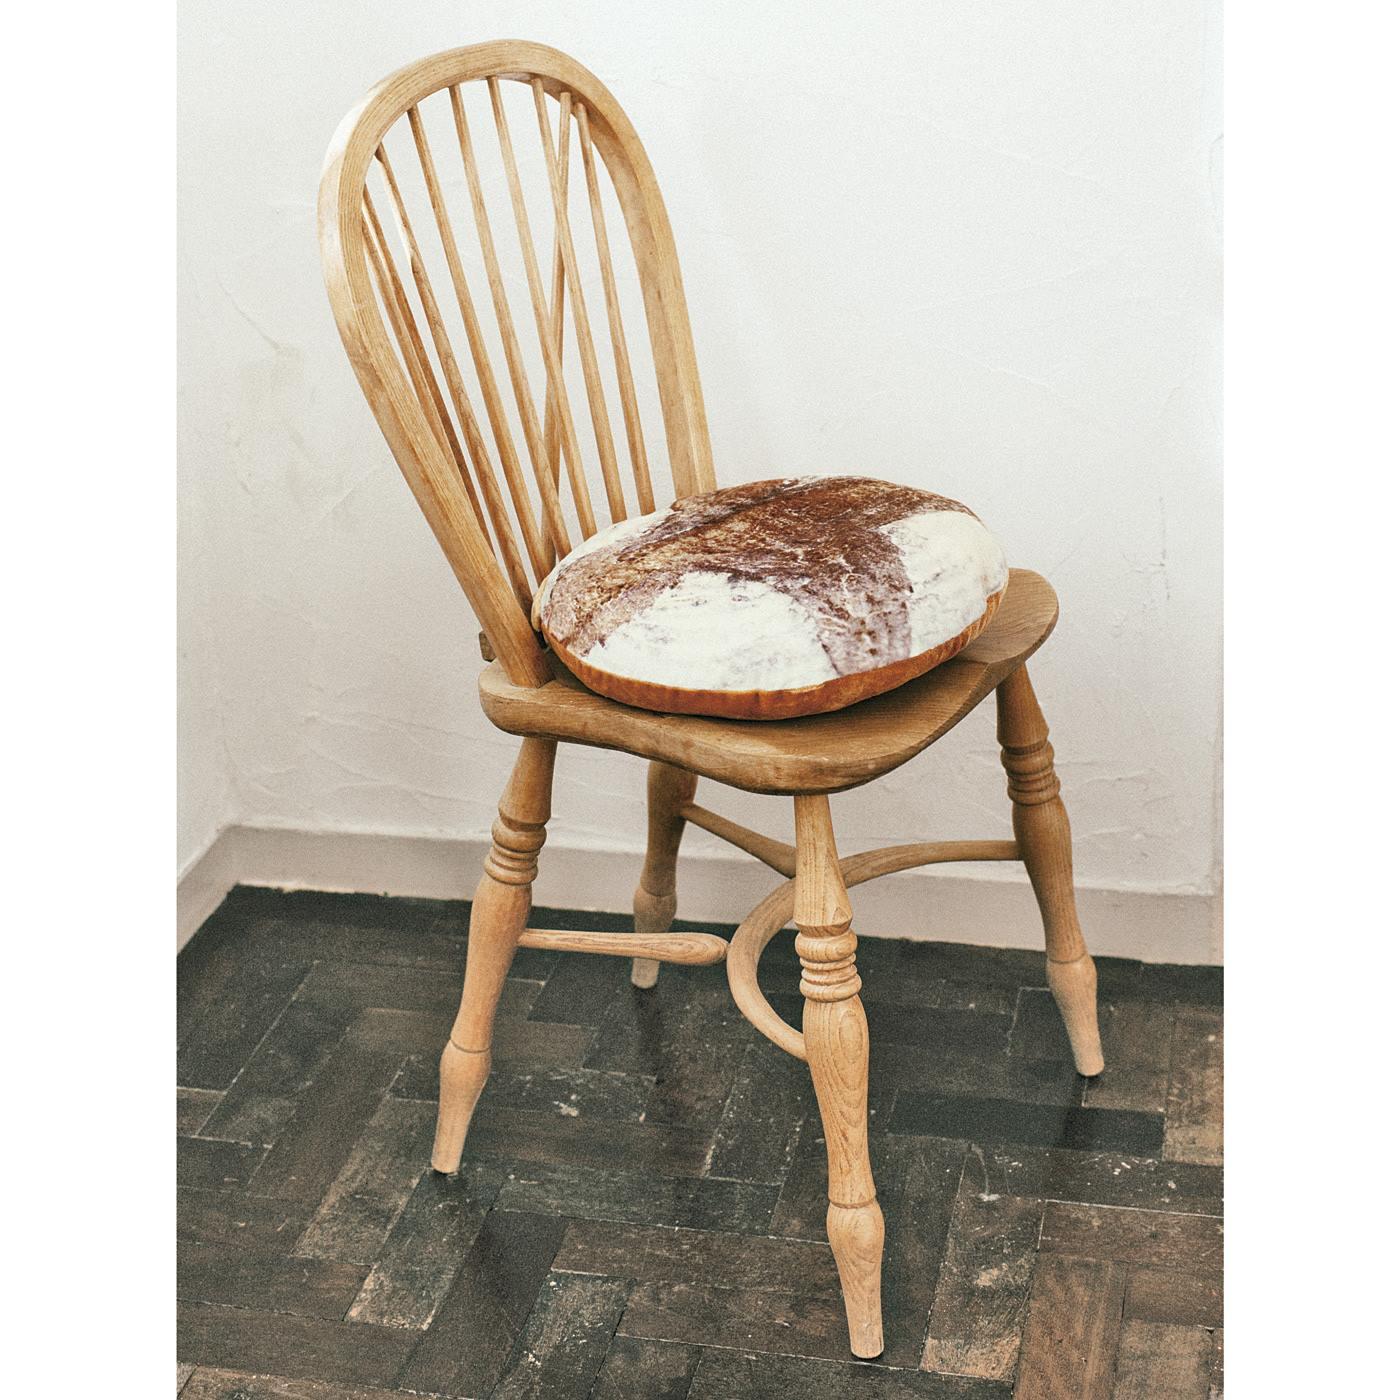 いすの上のクッションにしても◎。